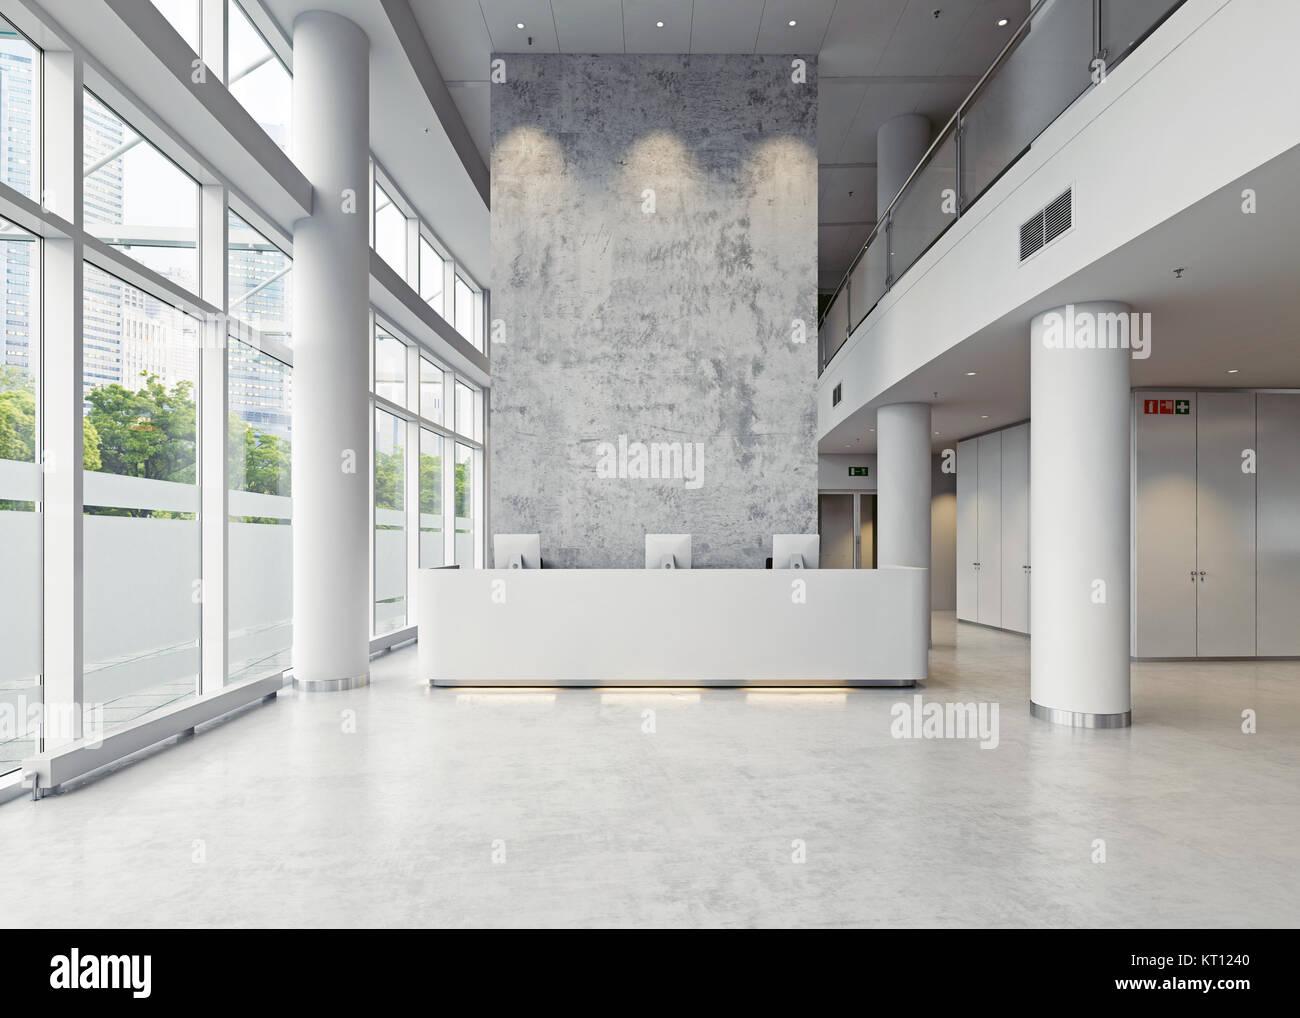 Azienda moderna architettura hall. 3d concept Immagini Stock